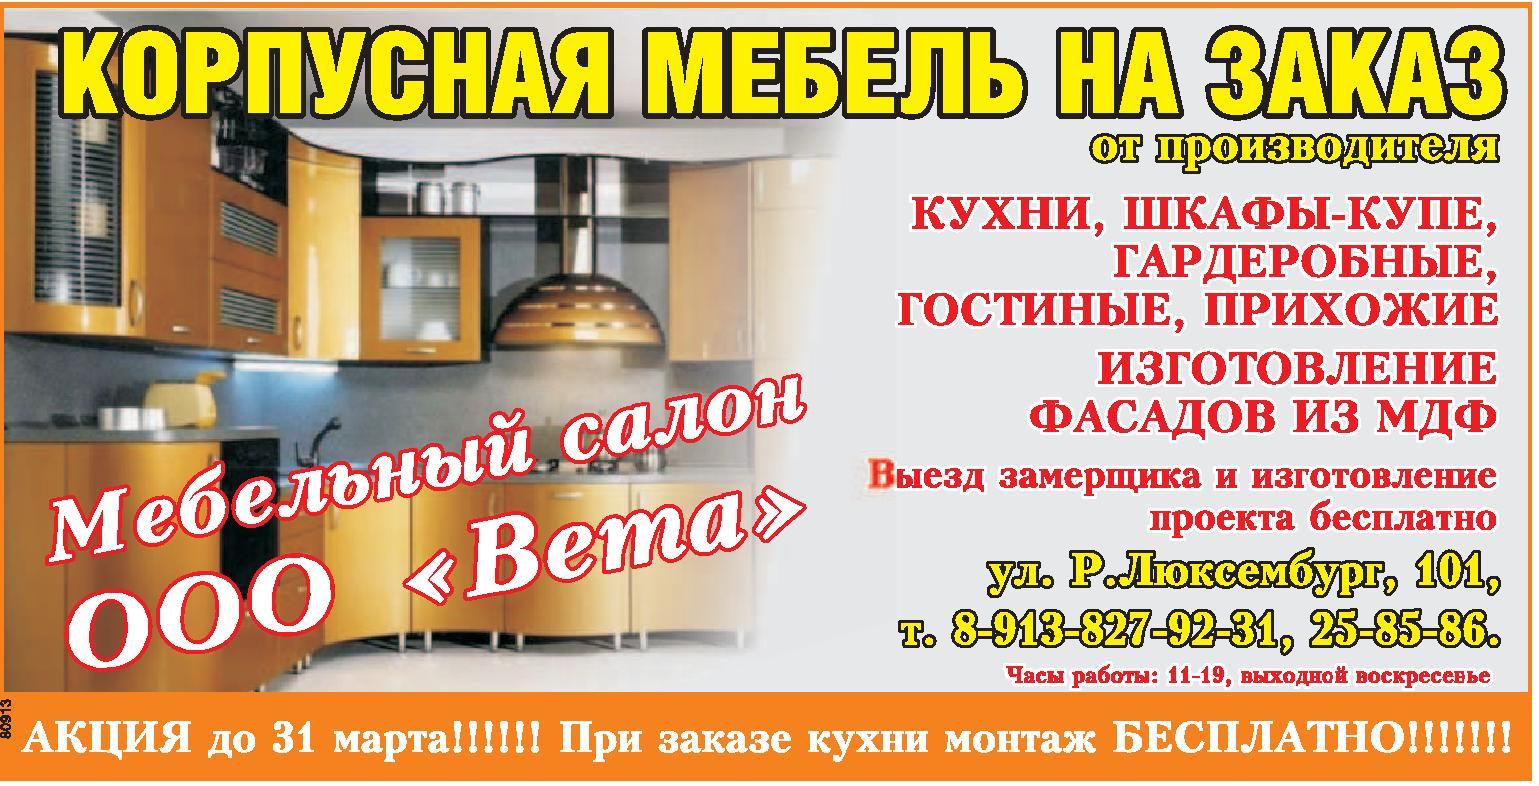 Пример рекламы мебели на заказ реклама для интернет магазина в яндексе